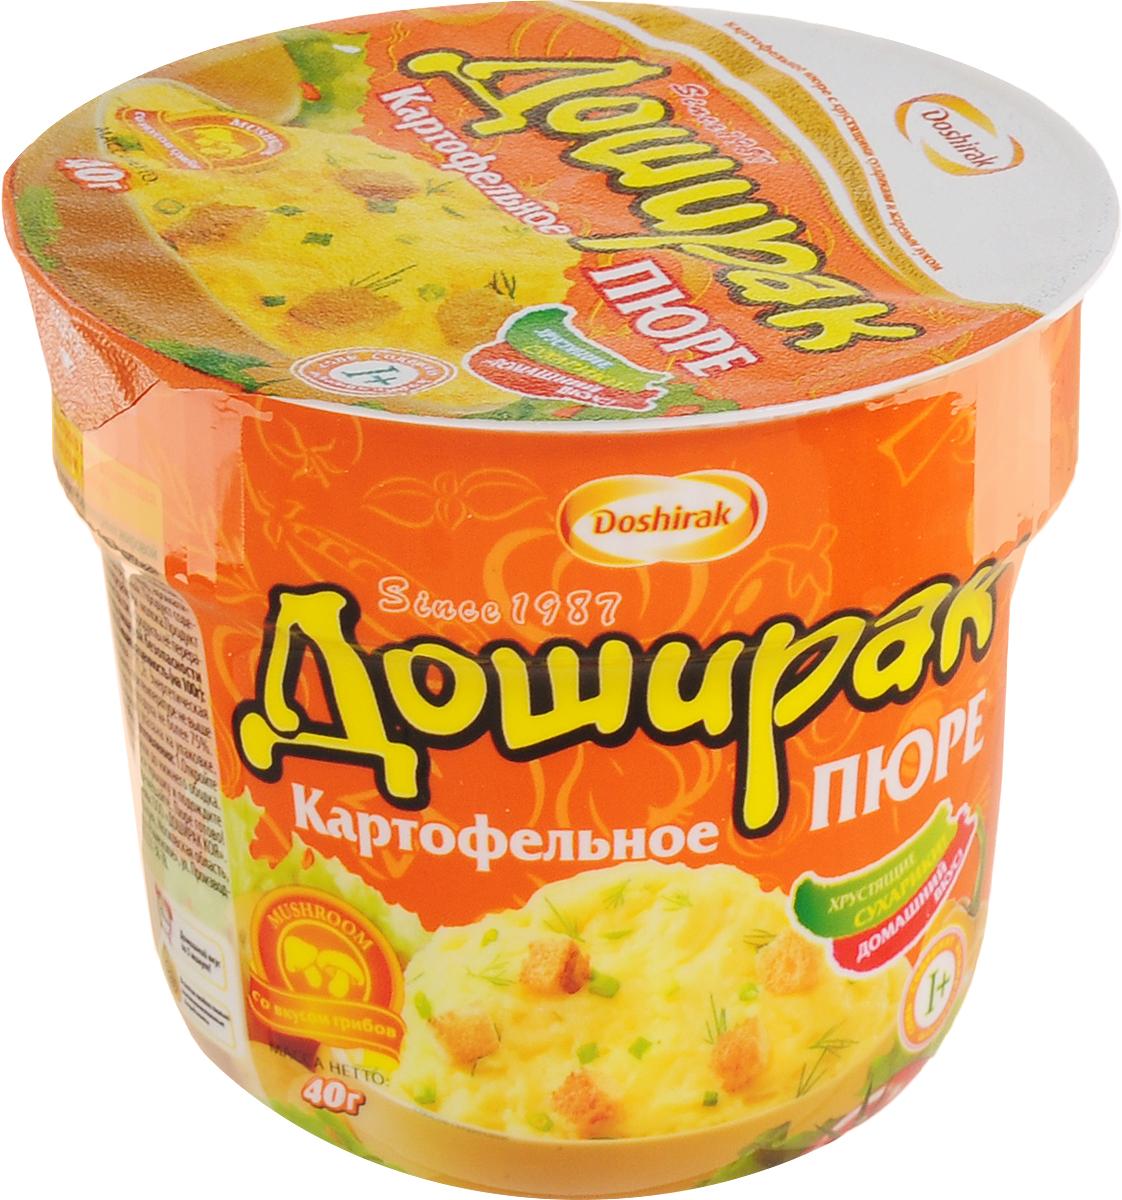 Doshirak пюре картофельное быстрого приготовления со вкусом грибов, в стакане, 40 г еда быстрого приготовления